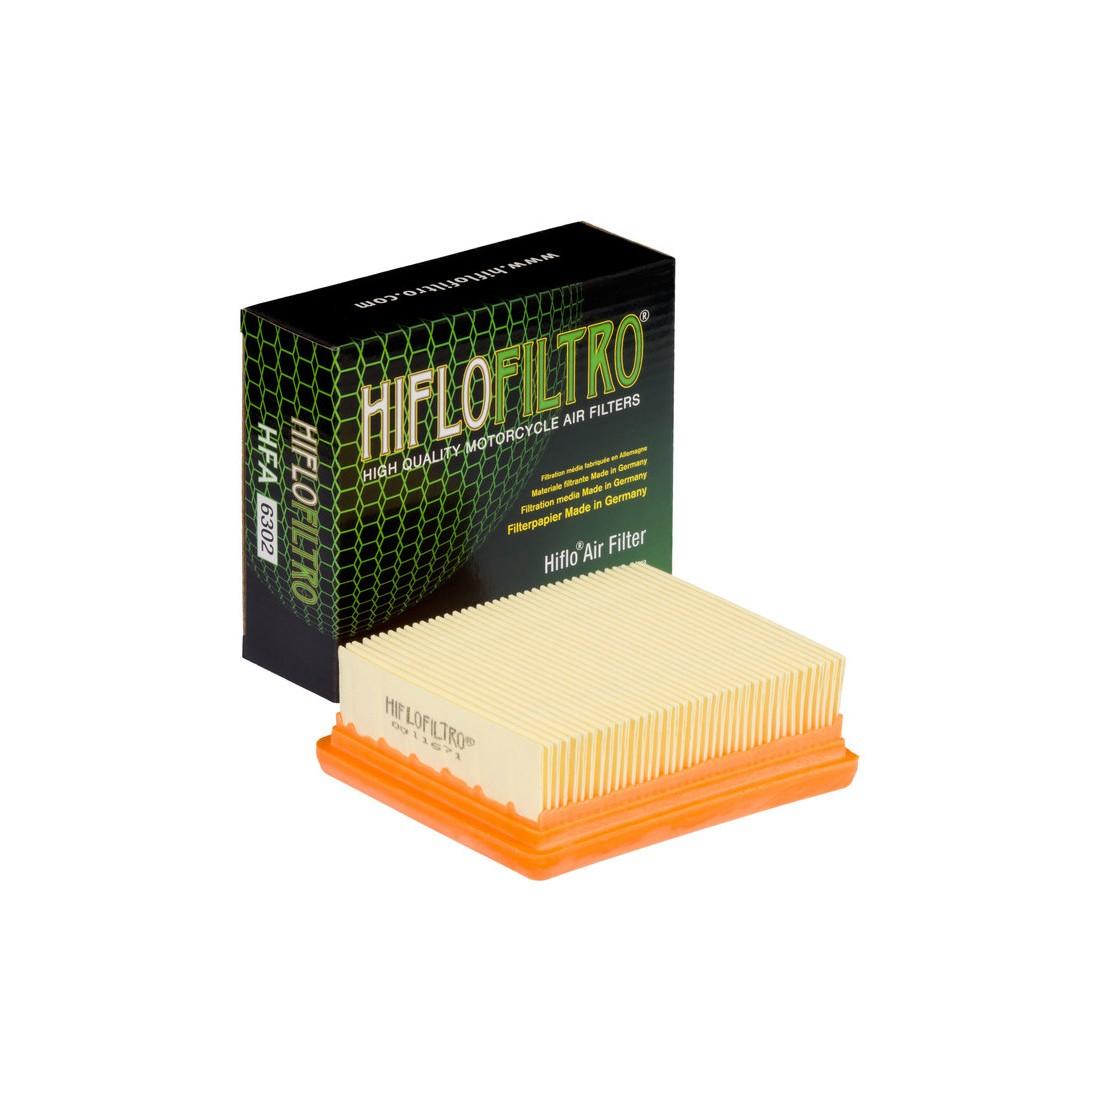 Filtro Aire Hiflofiltro HFA6302